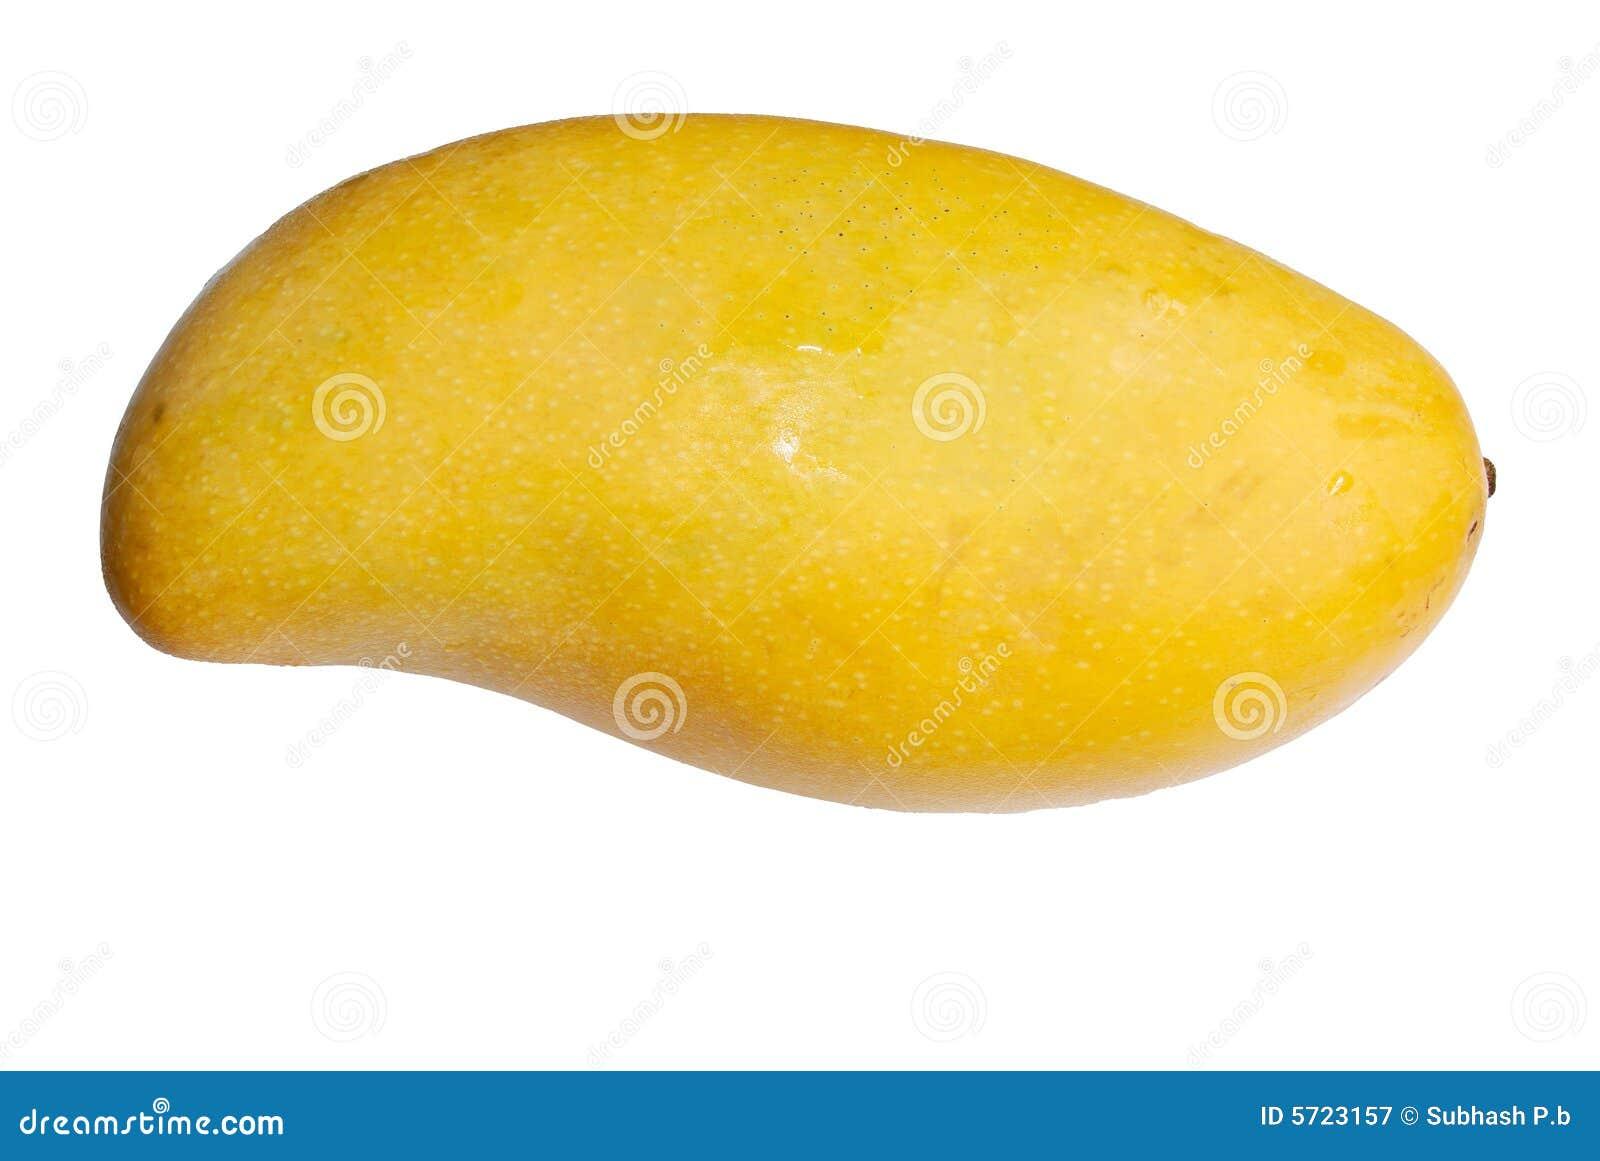 Pojedynczy mango